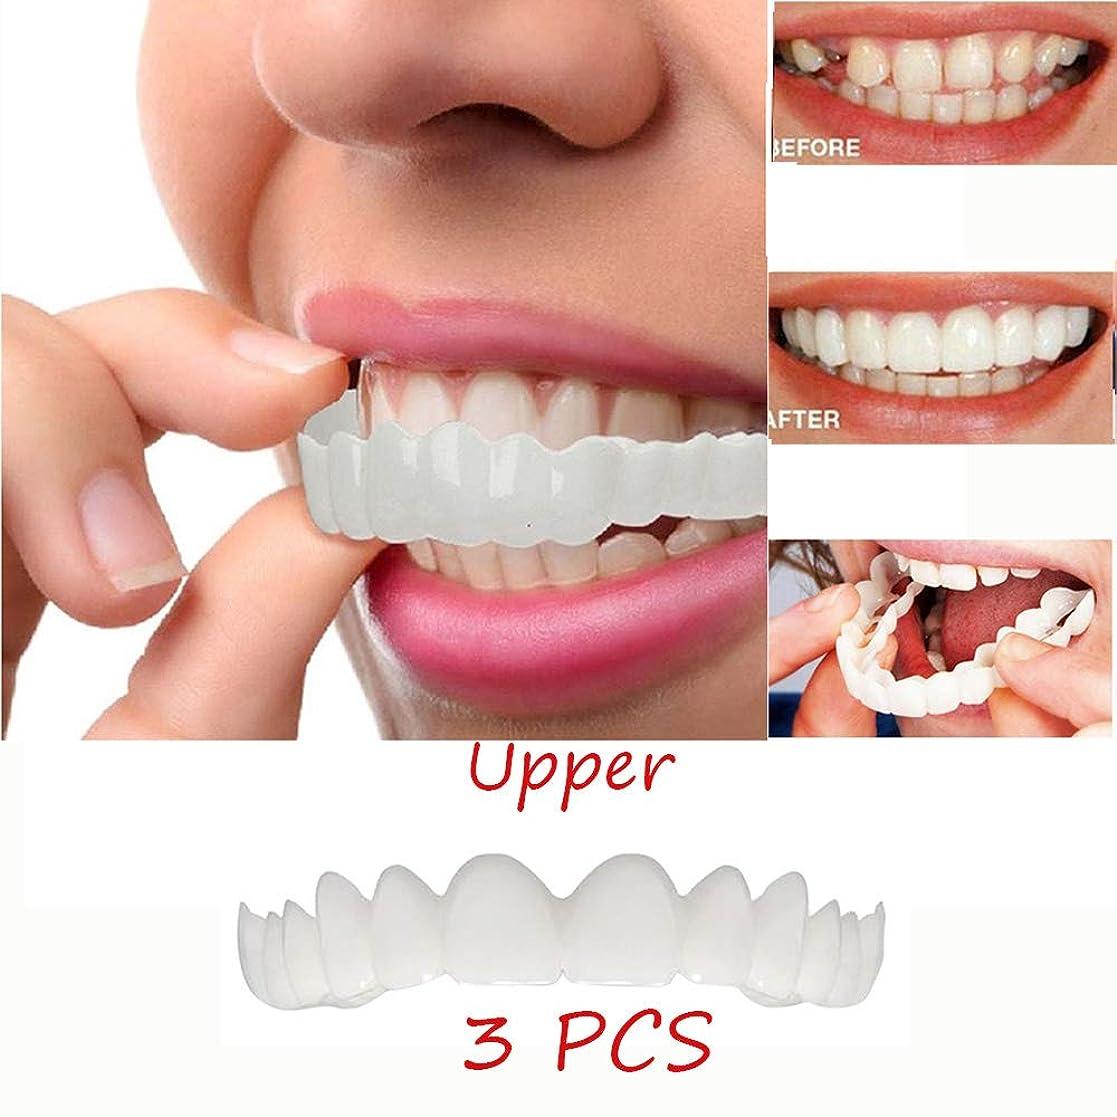 連邦いろいろ前文ホワイトニング入れ歯一時的な笑顔快適なベニヤ化粧品の歯上の歯の化粧品シミュレーションの歯黄色い歯黒い歯オーラルケア - 3個